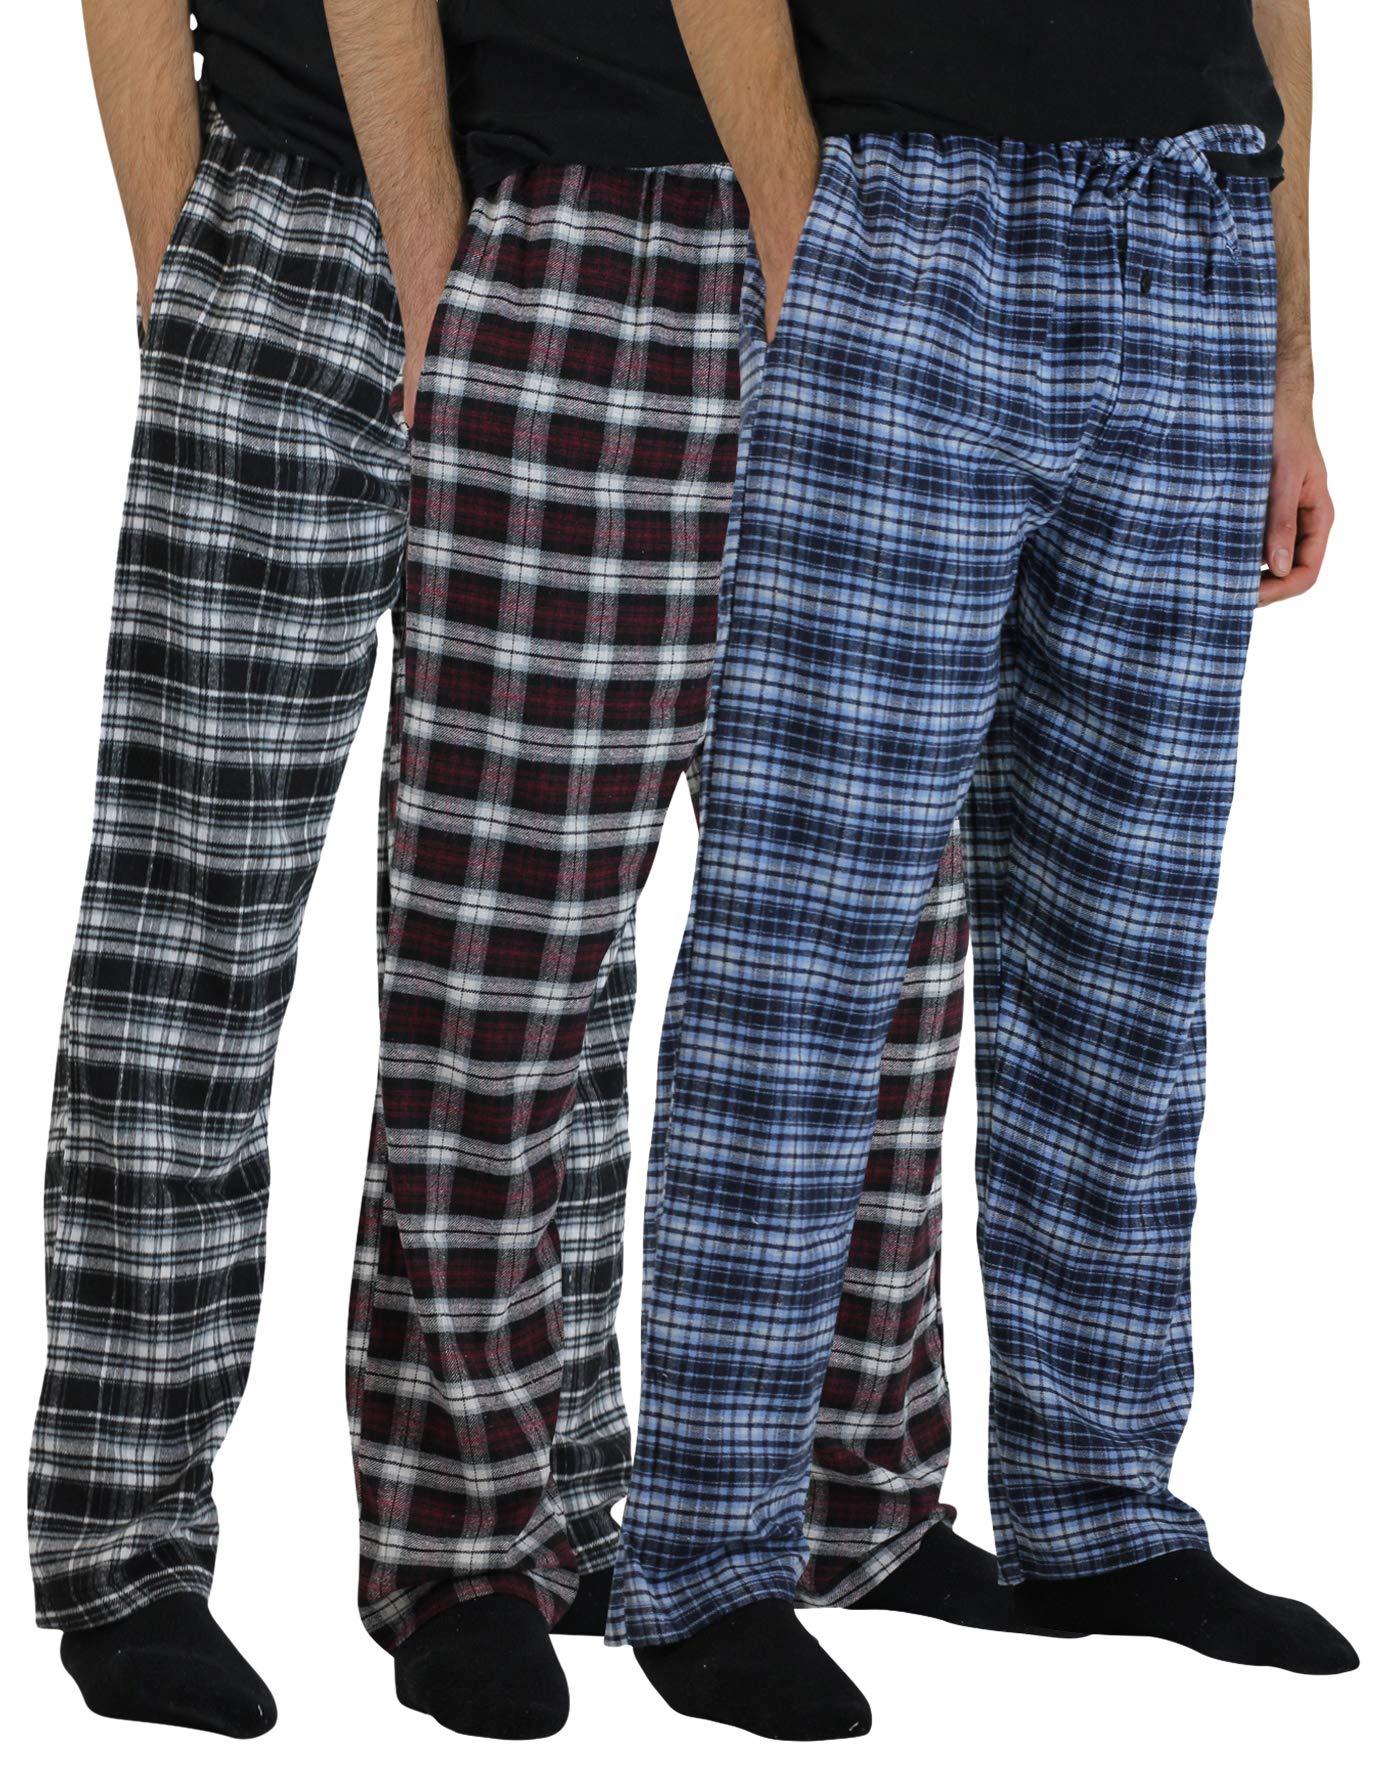 Real Essentials 3 Pack:Men's Cotton Super Soft Flannel Plaid Pajama Pants/Lounge Bottoms,Set 1-XXL